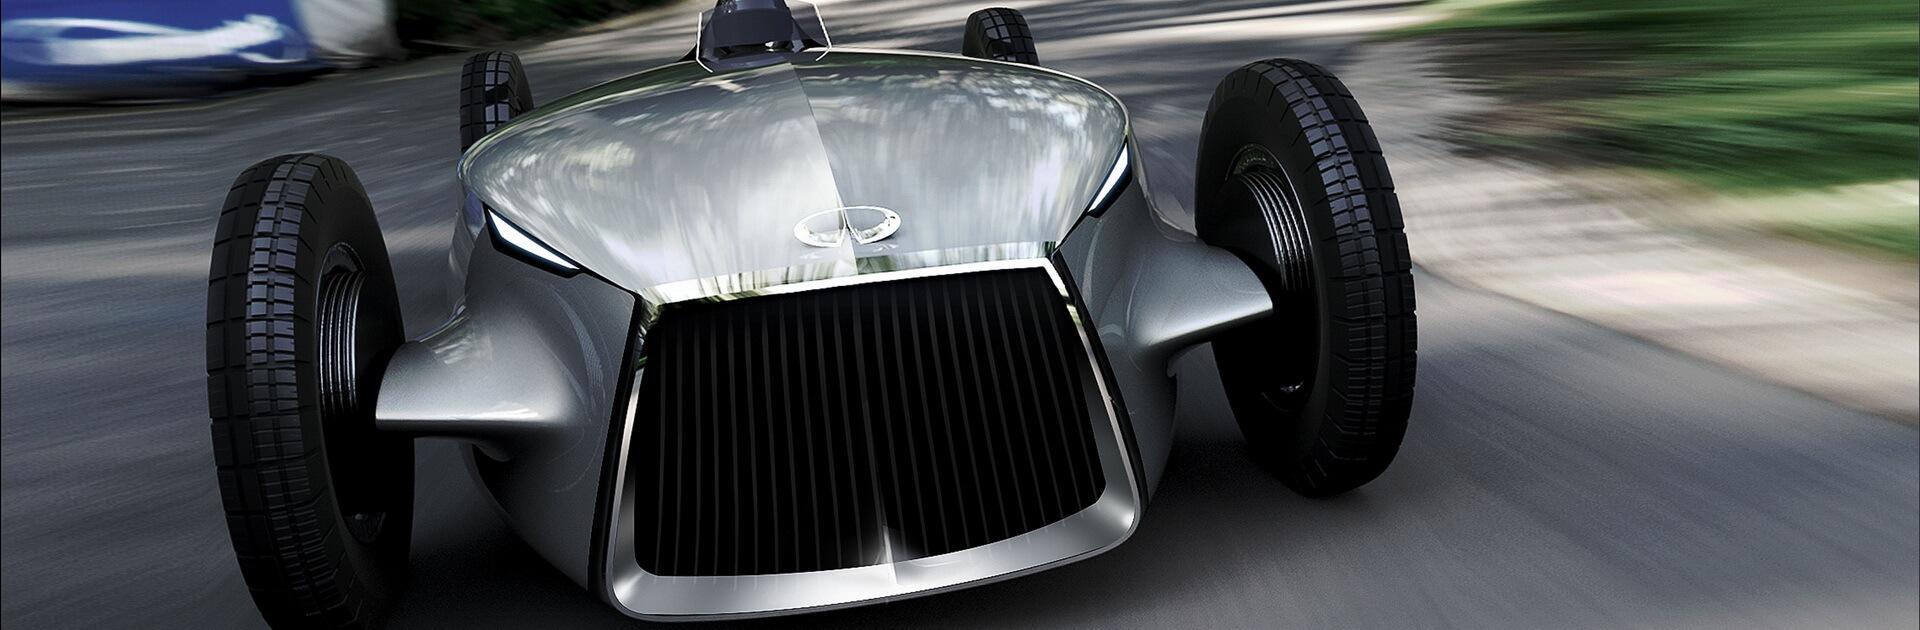 Массивная радиаторная решетка спорткара Prototype 9